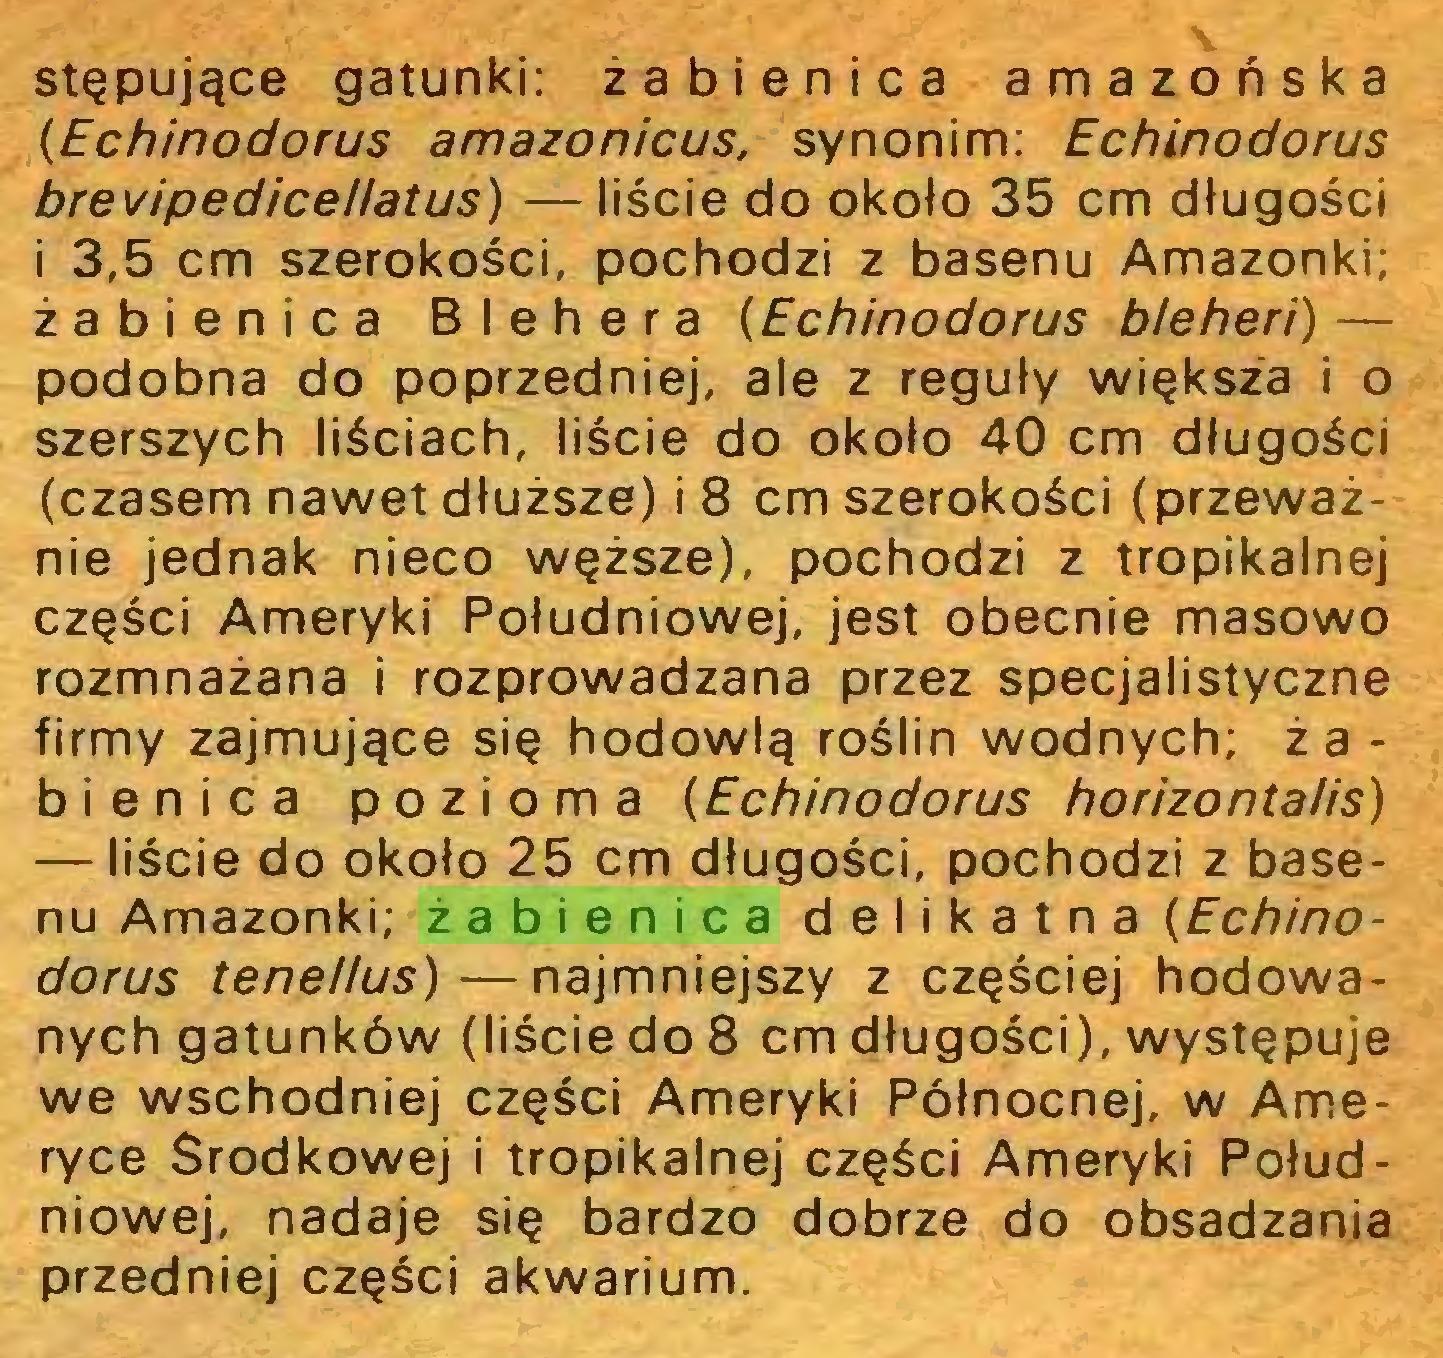 (...) stępujące gatunki: żabienica amazońska (Echinodorus amazonicus, synonim: Echinodorus brevipedice//atus) — liście do około 35 cm długości i 3,5 cm szerokości, pochodzi z basenu Amazonki; żabienica Blehera (Echinodorus bleheri) — podobna do poprzedniej, ale z reguły większa i o szerszych liściach, liście do około 40 cm długości (czasem nawet dłuższe) i 8 cm szerokości (przeważnie jednak nieco węższe), pochodzi z tropikalnej części Ameryki Południowej, jest obecnie masowo rozmnażana i rozprowadzana przez specjalistyczne firmy zajmujące się hodowlą roślin wodnych; ż a bienica pozioma (Echinodorus horizontalis) — liście do około 25 cm długości, pochodzi z basenu Amazonki; żabienica delikatna (Echinodorus tene/lus)—najmniejszy z częściej hodowanych gatunków (liście do 8 cm długości), występuje we wschodniej części Ameryki Północnej, w Ameryce Środkowej i tropikalnej części Ameryki Południowej, nadaje się bardzo dobrze do obsadzania przedniej części akwarium...